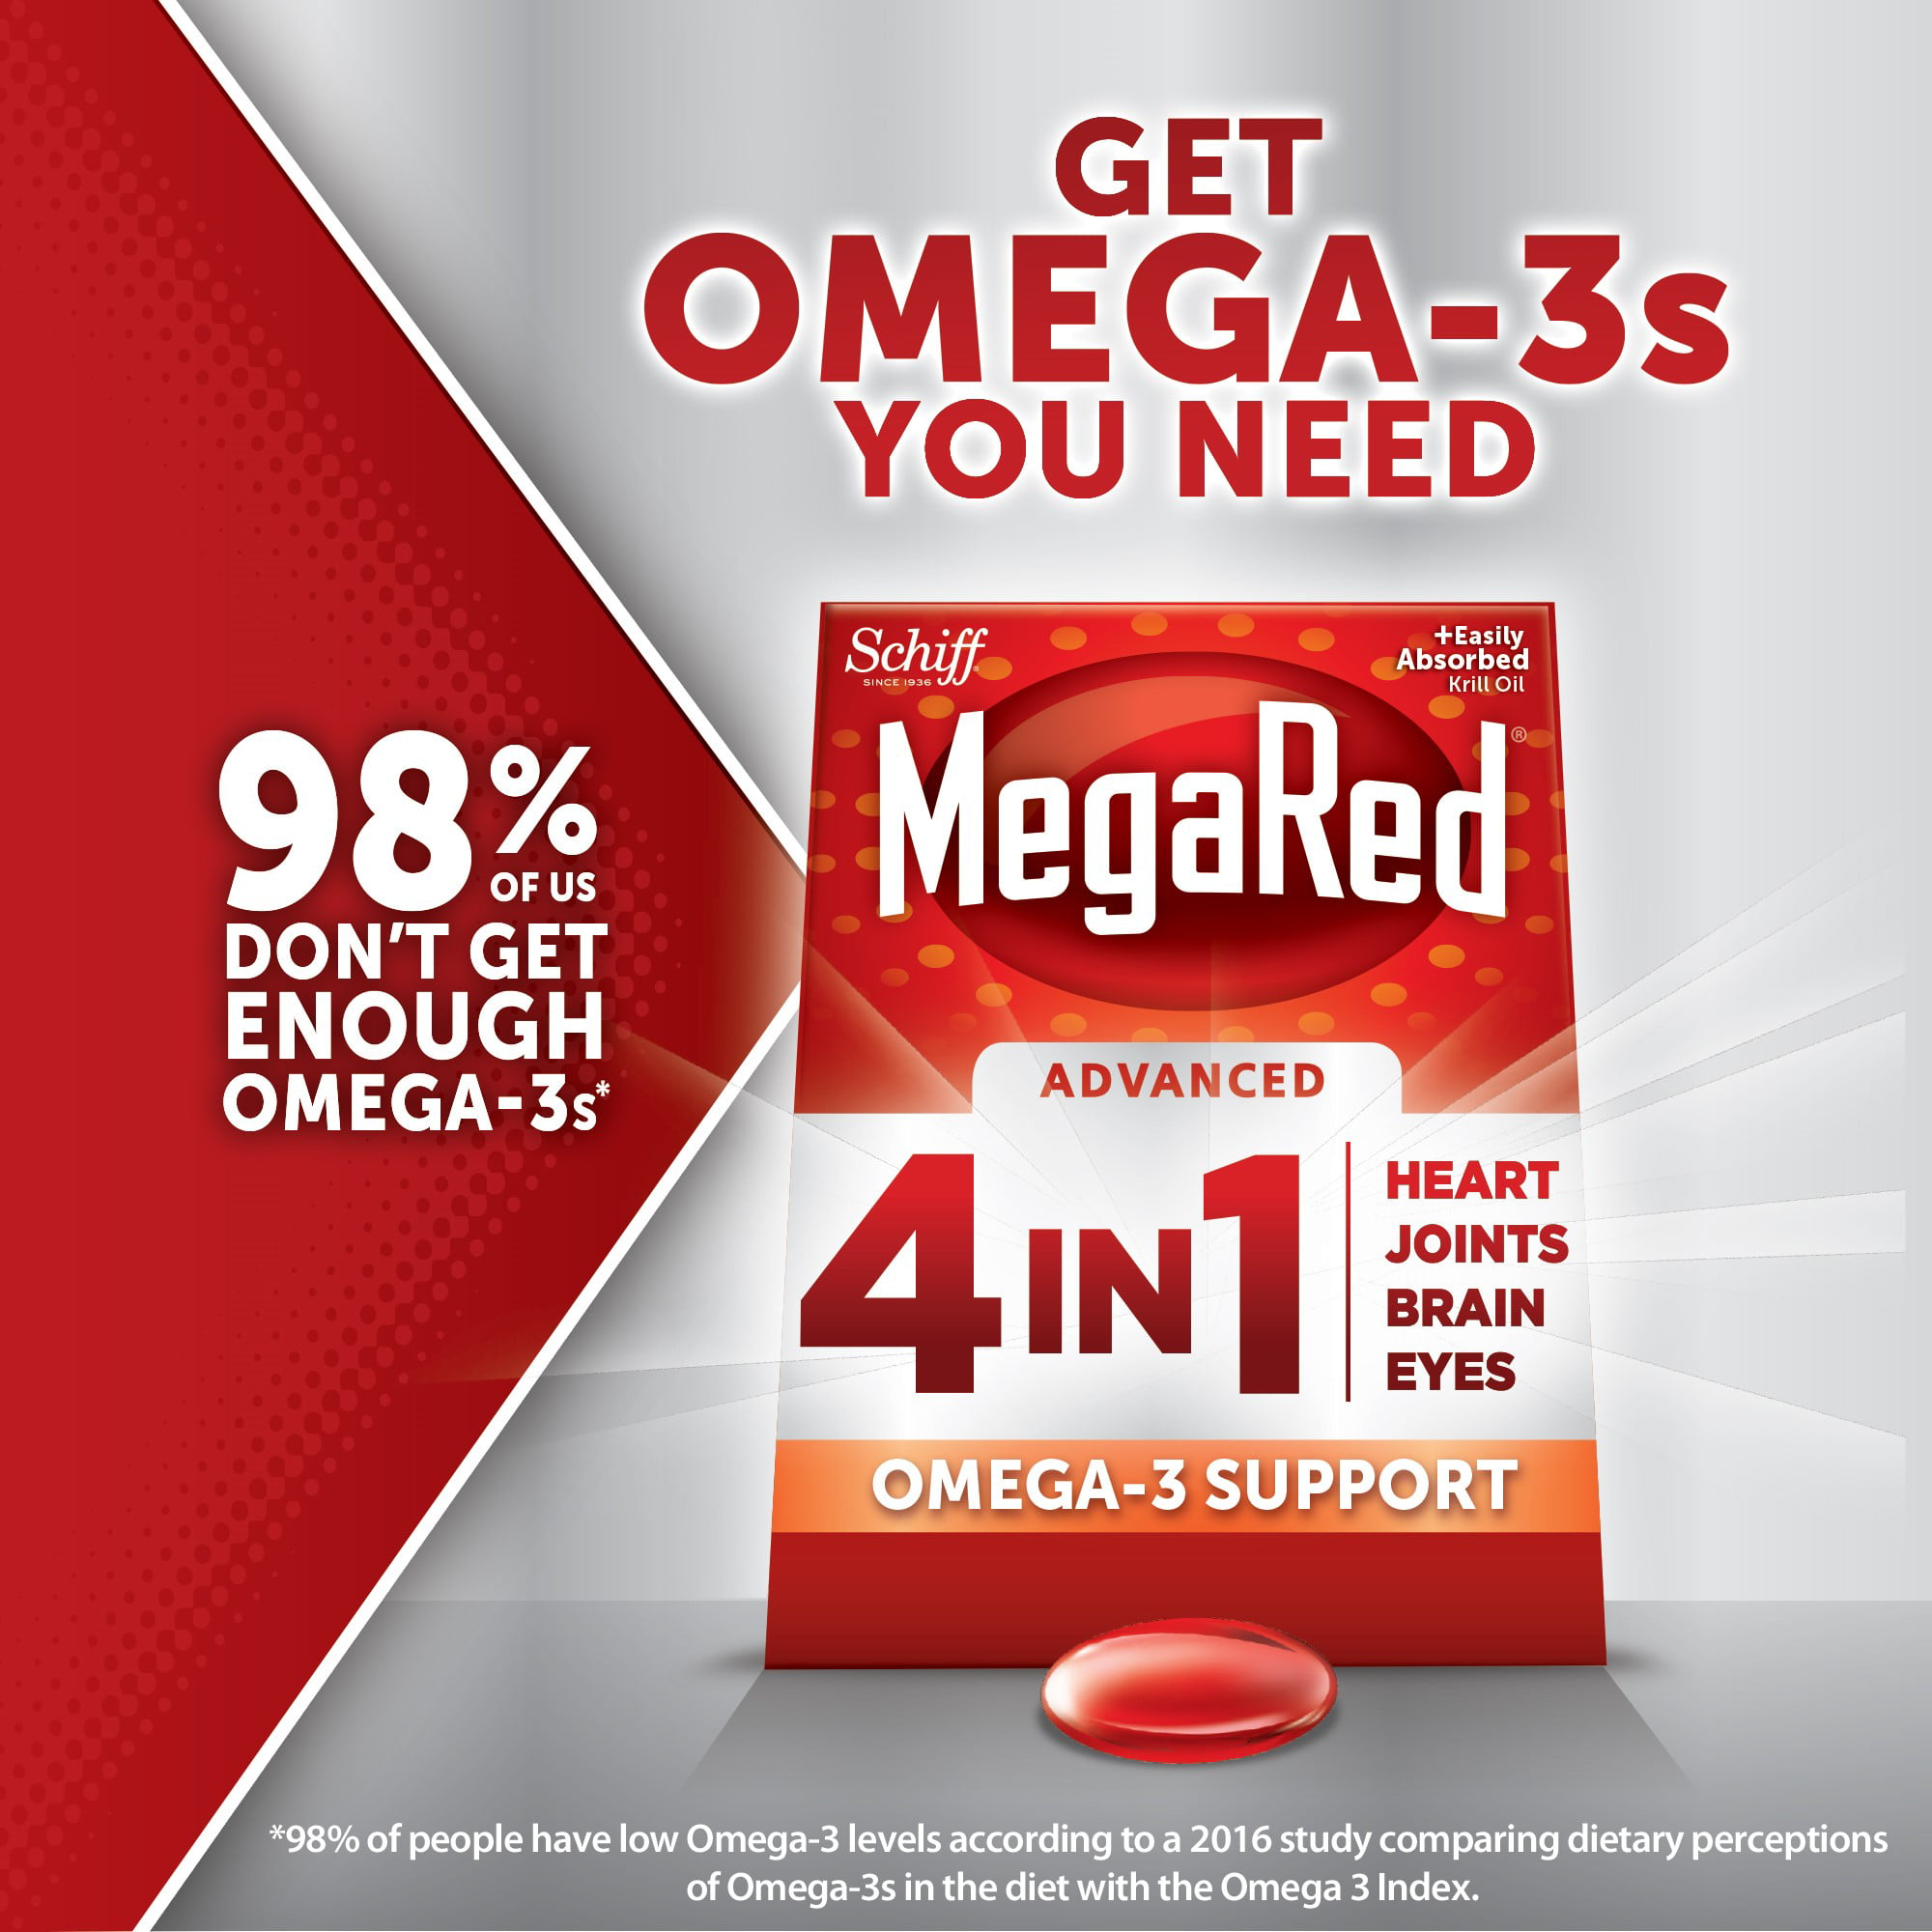 MegaRed Advanced 4 in 1 Omega-3 Fish Oil + Krill Oil